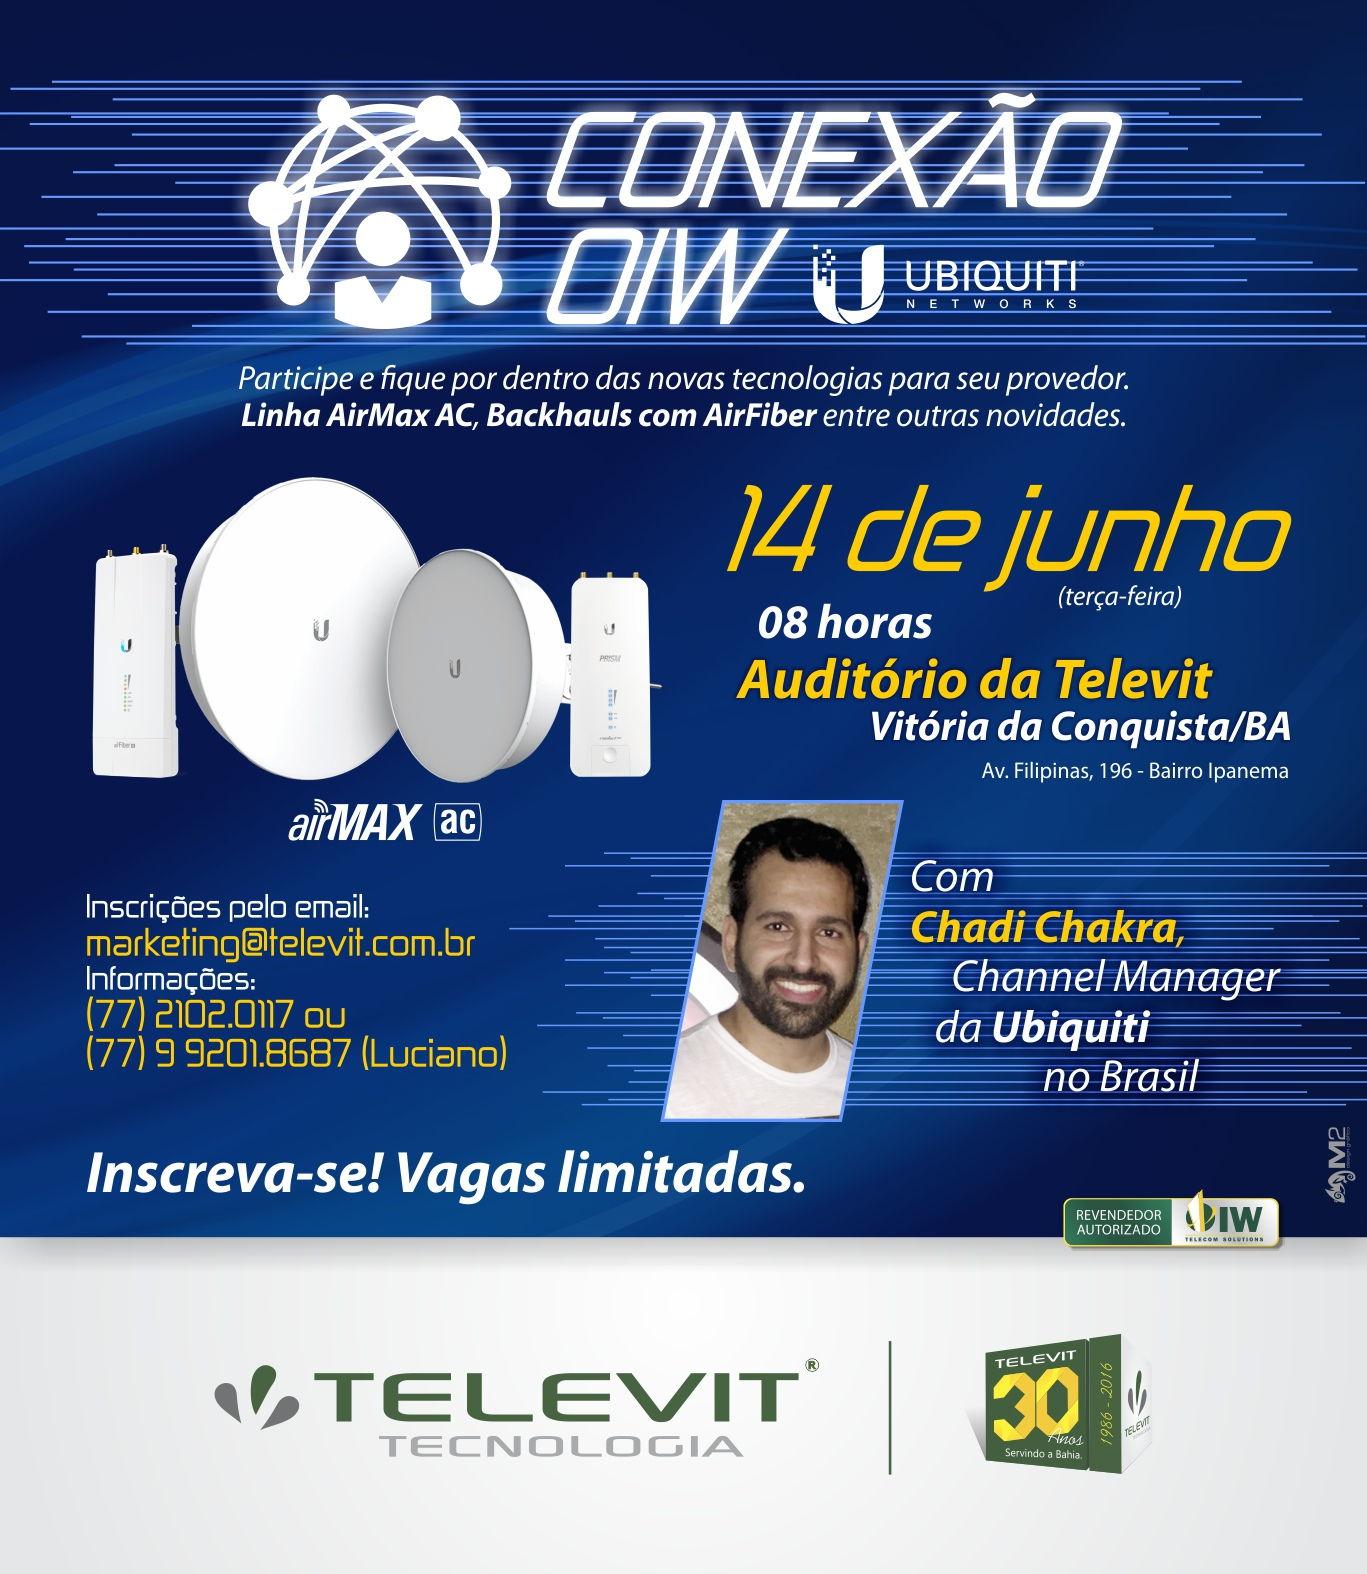 Televit Conexão OIW 11-05-16 FB 04.jpg